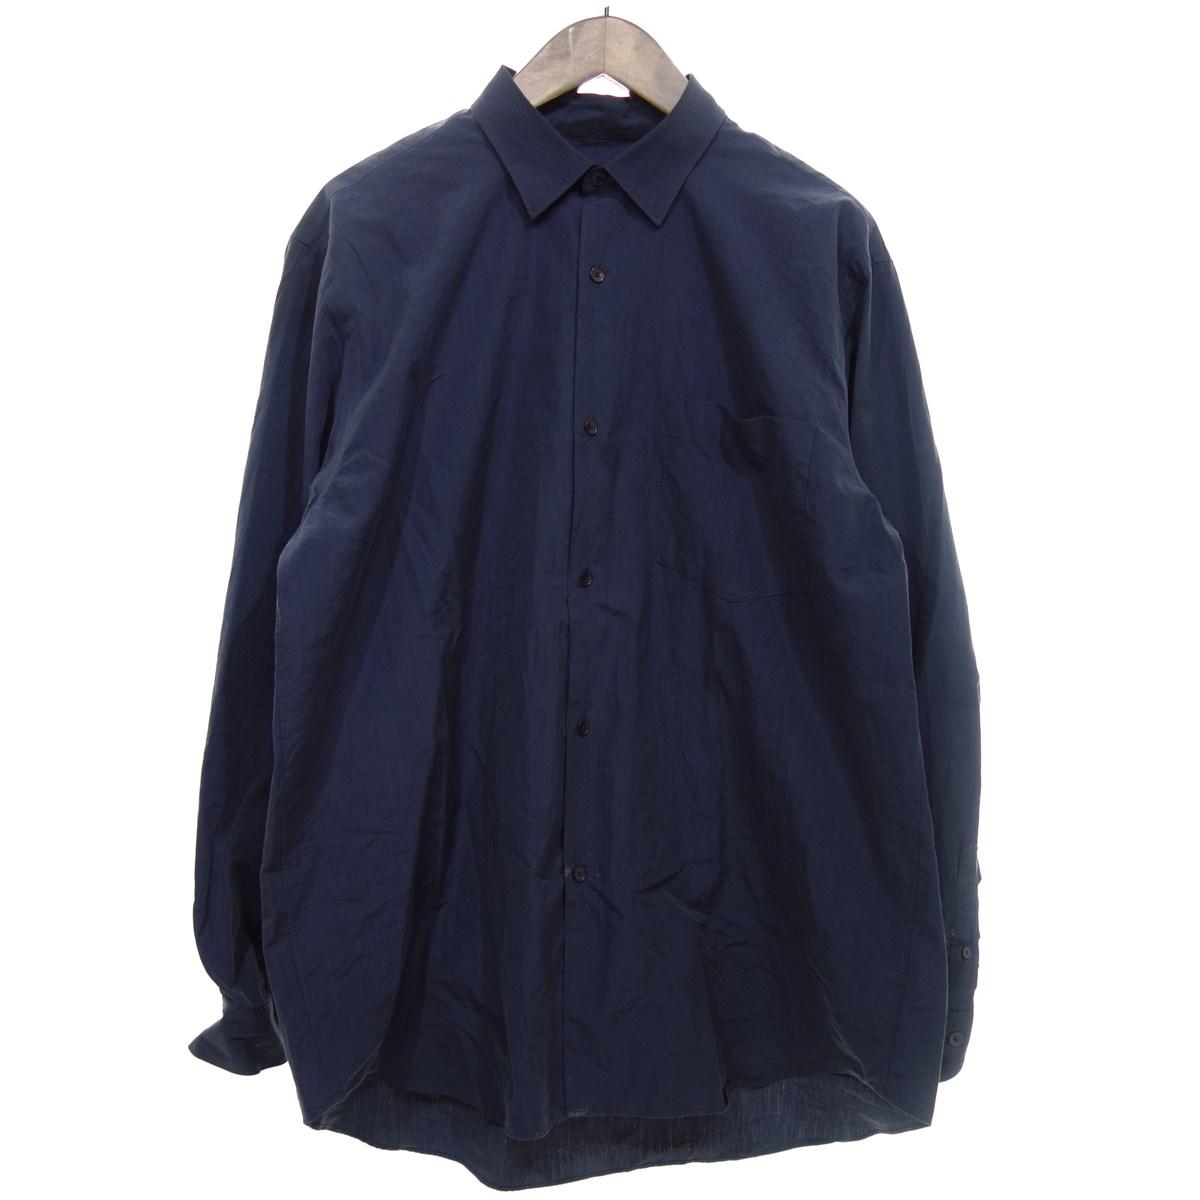 【中古】COMOLI 【2020S/S】COMOLI SHIRT シャツ ネイビー サイズ:3 【040420】(コモリ)